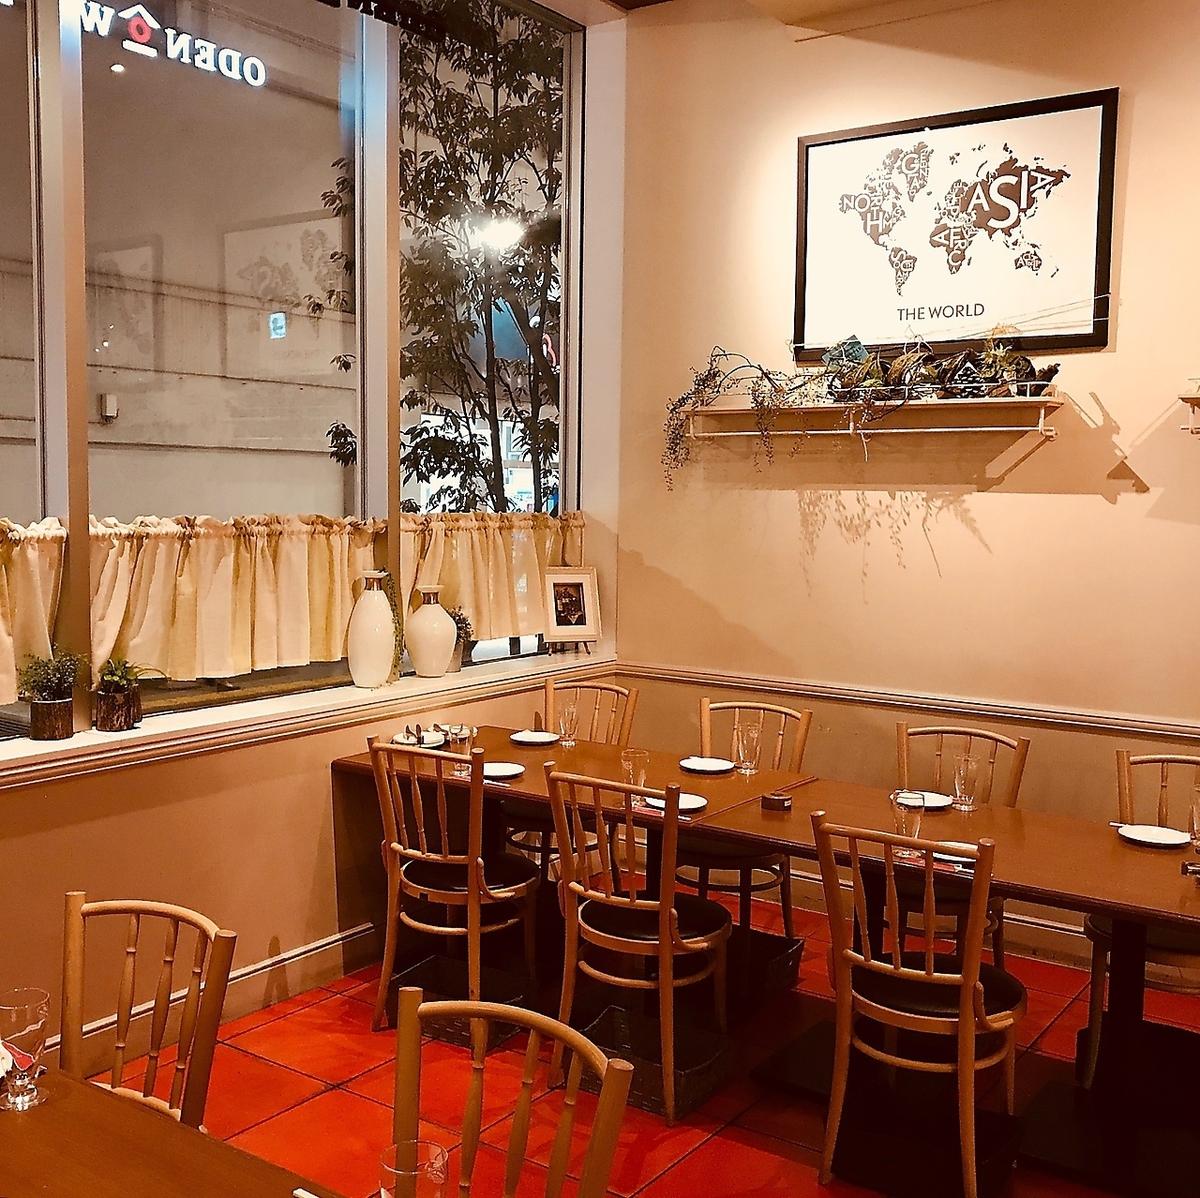 【每天使用方便的桌子】桌子座位将根据客人的数量准备座位,所以从午餐和saku饮料,女子协会,生日·周年纪念日,各种宴会等经常使用这是一个可以欣赏派对场景的座位。婚礼第二方包机计划从3,500日元〜,宴会套餐是4000日元〜,两个小时都可以自给自足。